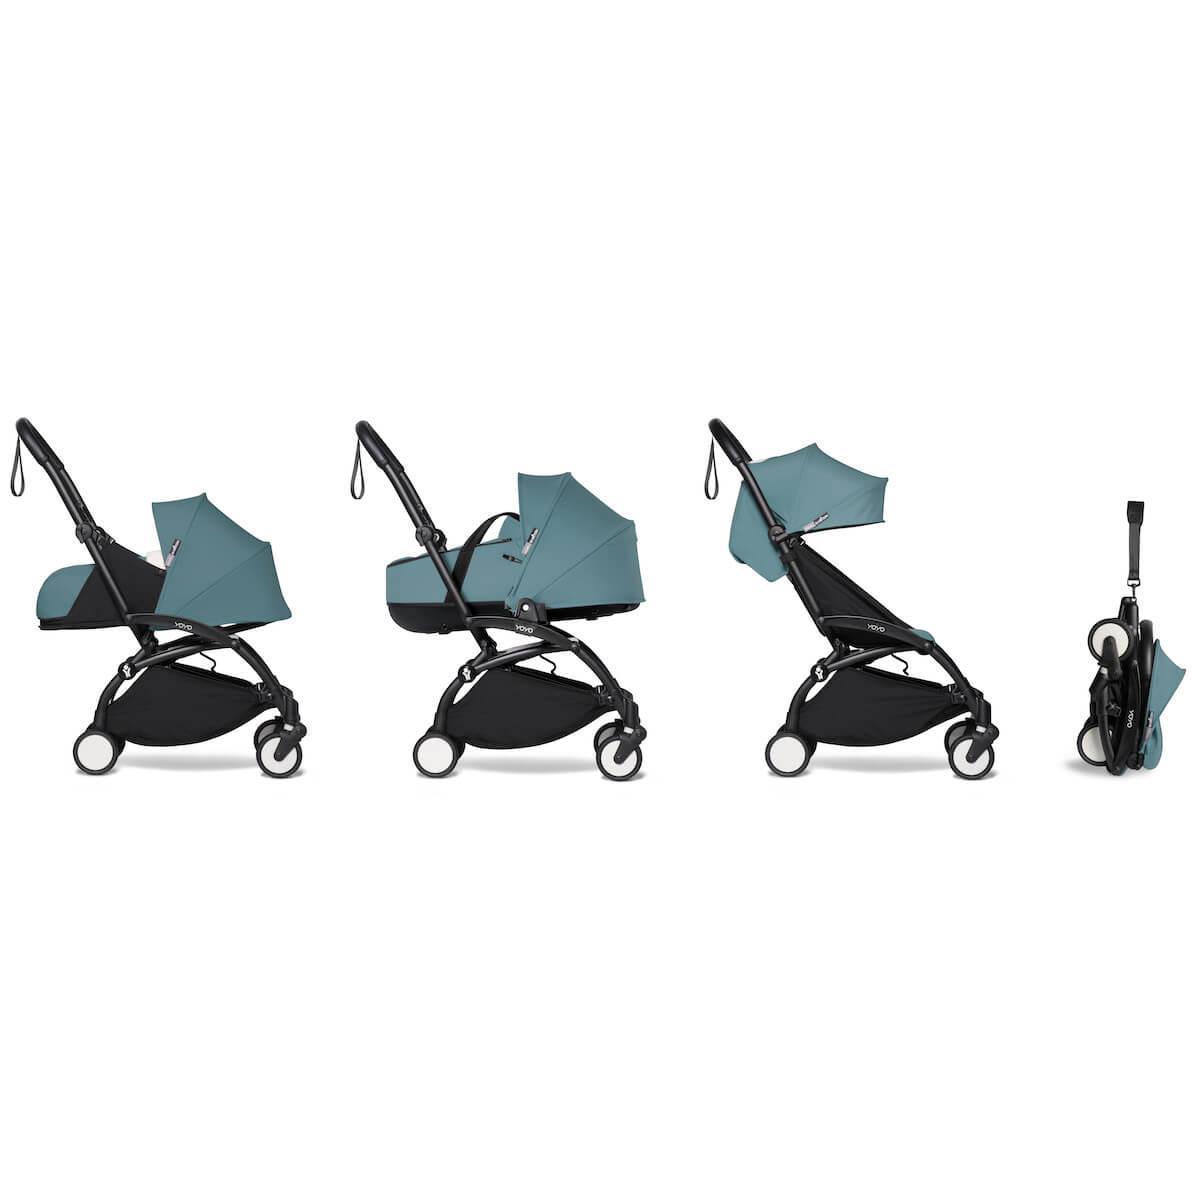 Kinderwagen BABYZEN YOYO² komplett 0+/6+ und Wanne schwarz-aqua